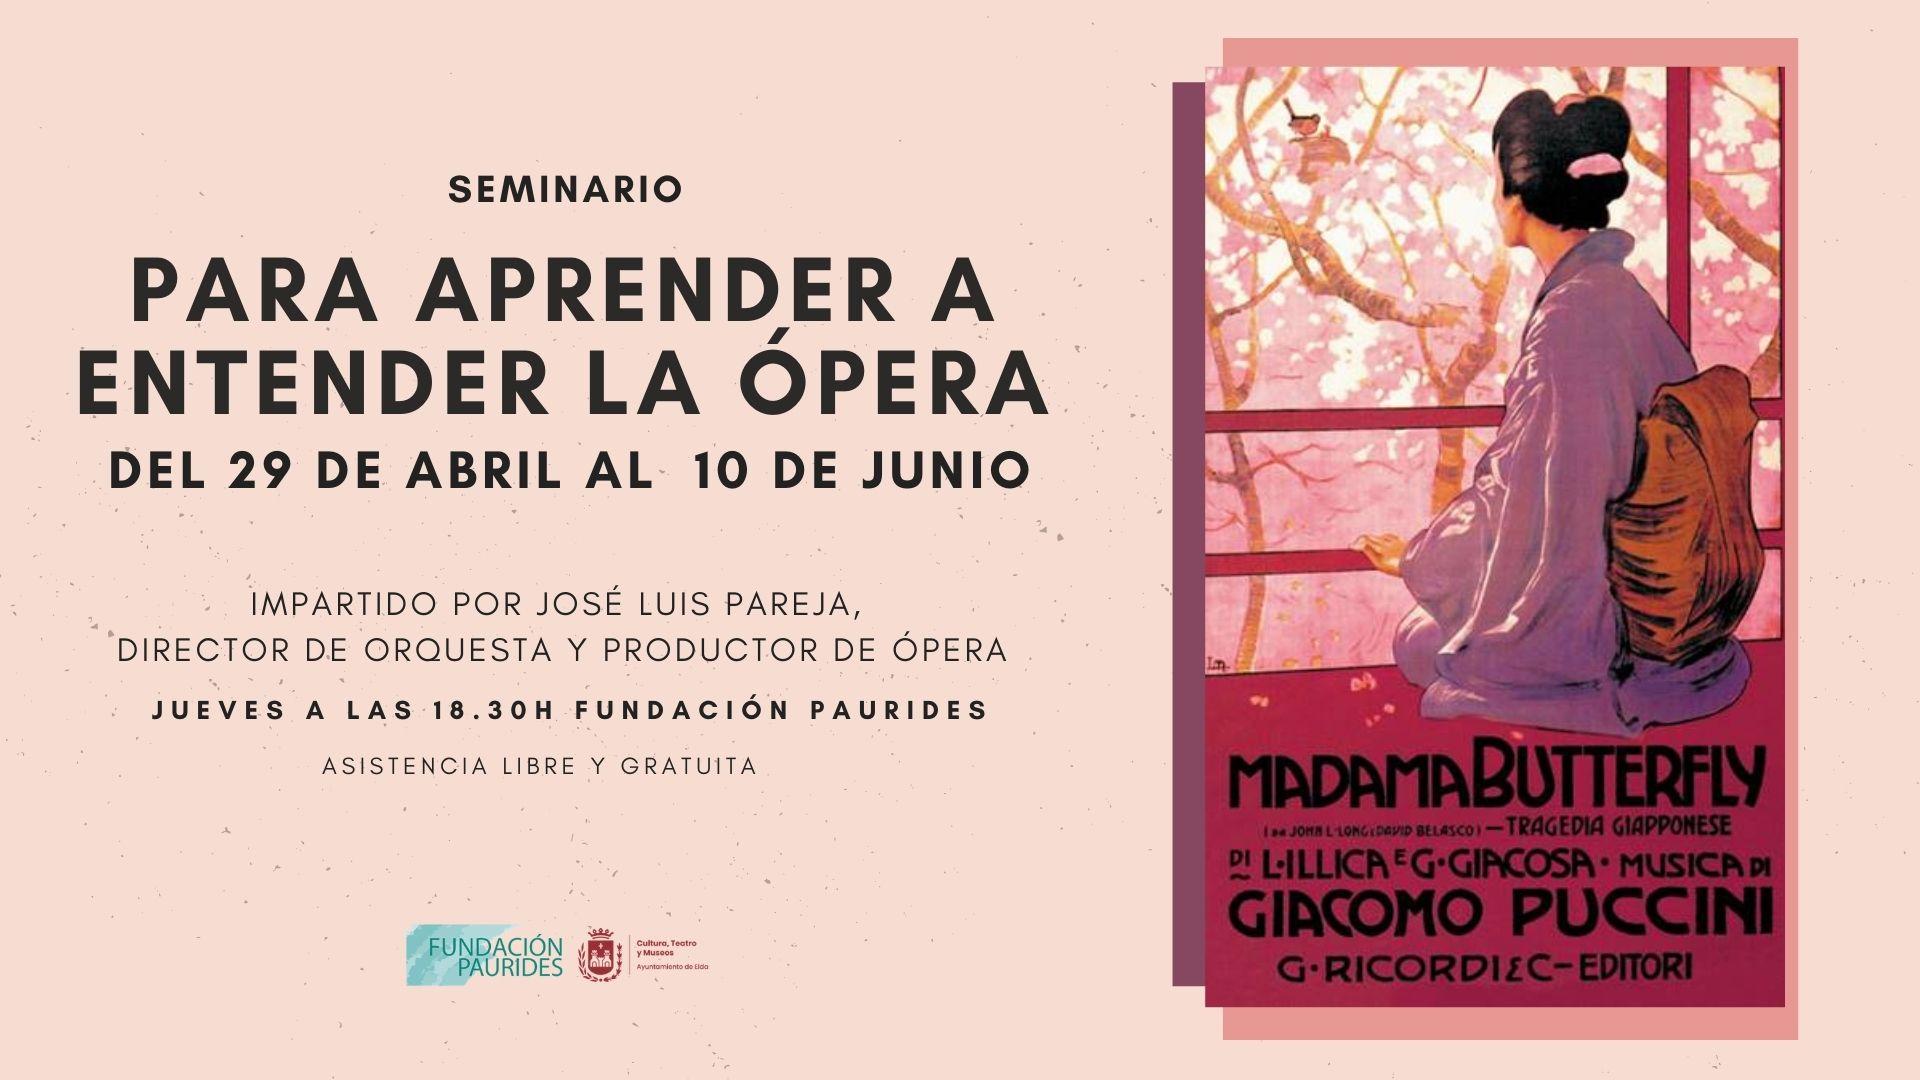 La Concejalía de Cultura organiza un seminario para aprender a entender a la ópera